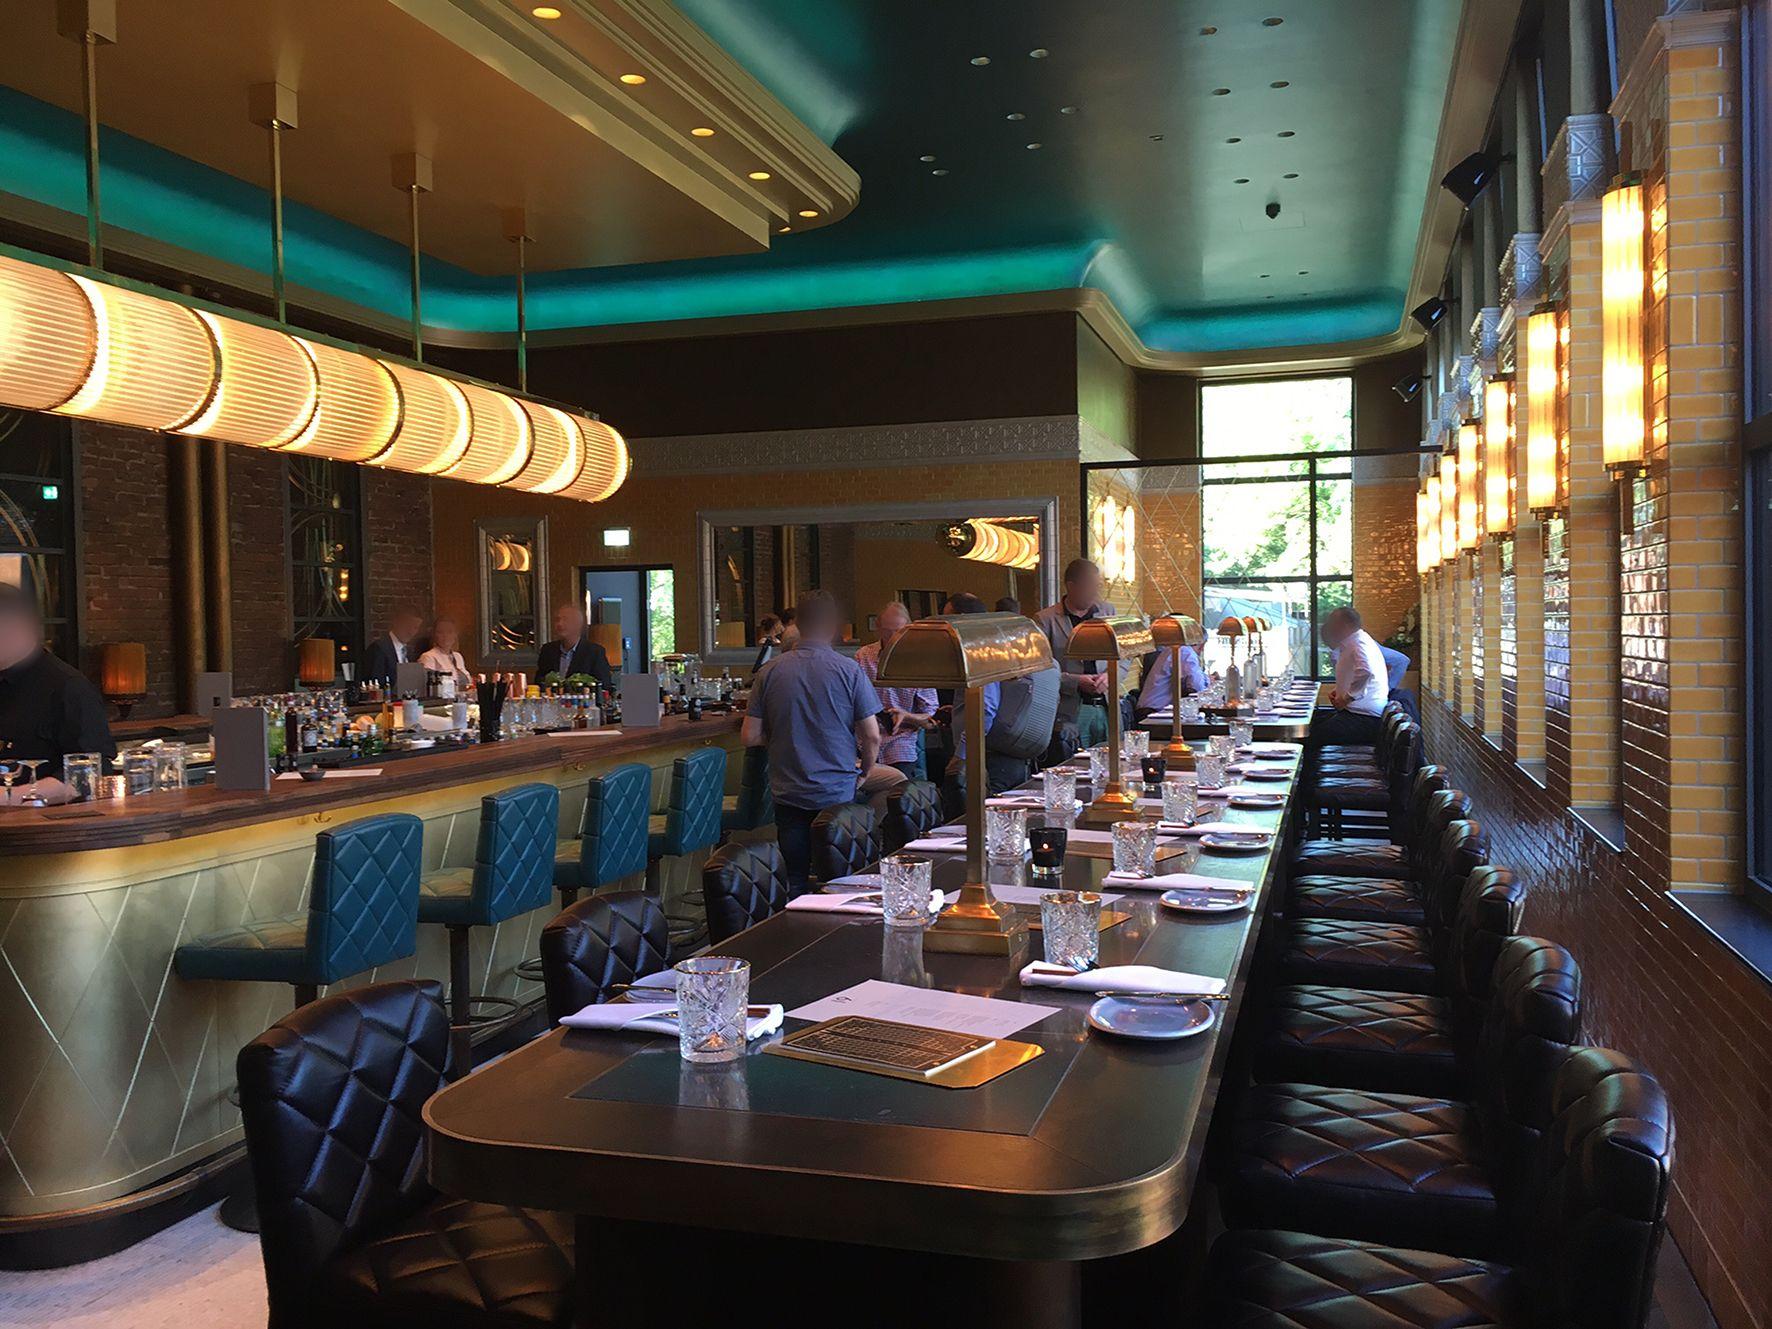 bar und restaurant steakhaus hohoffs 800 the golden cage in hagen f r die einrichtung in. Black Bedroom Furniture Sets. Home Design Ideas